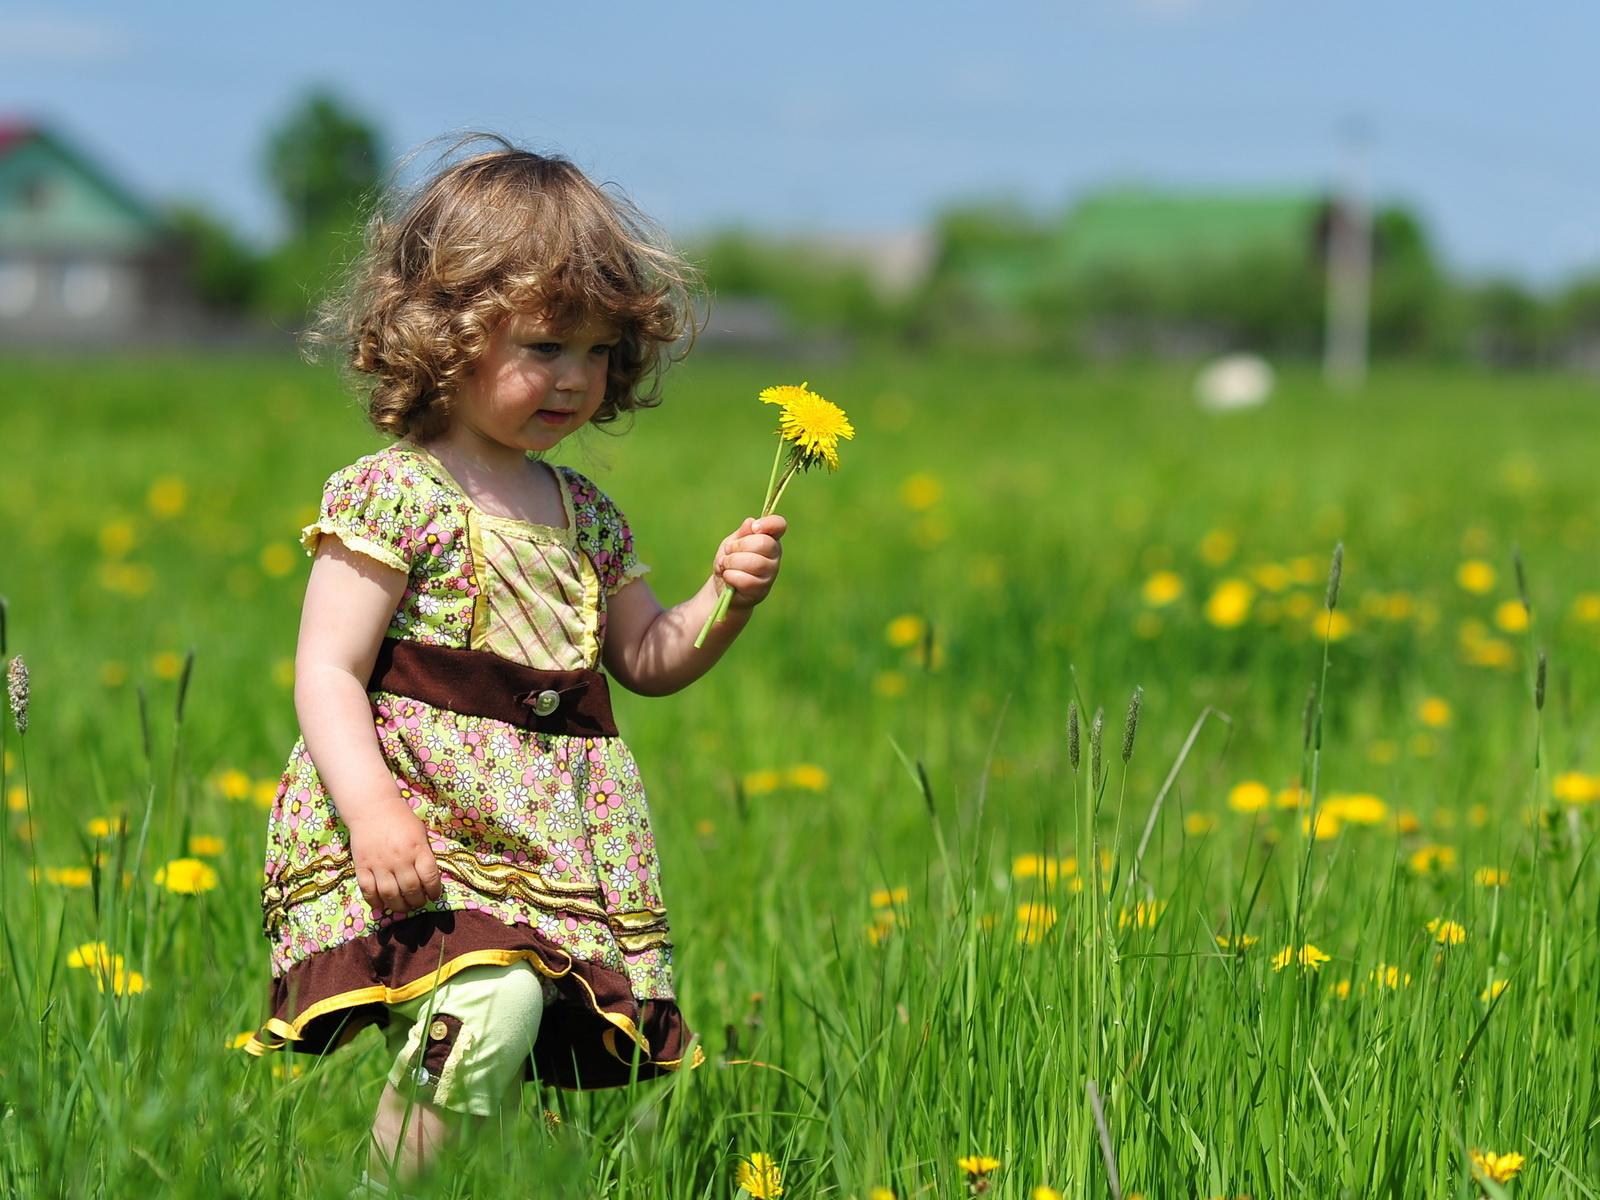 http://3.bp.blogspot.com/-eEGRvQdRis8/T6e4gC8pk8I/AAAAAAAACgs/pvUxbb1BT6M/s1600/wallpaper-sweet-little-girl-with-flowers.jpg